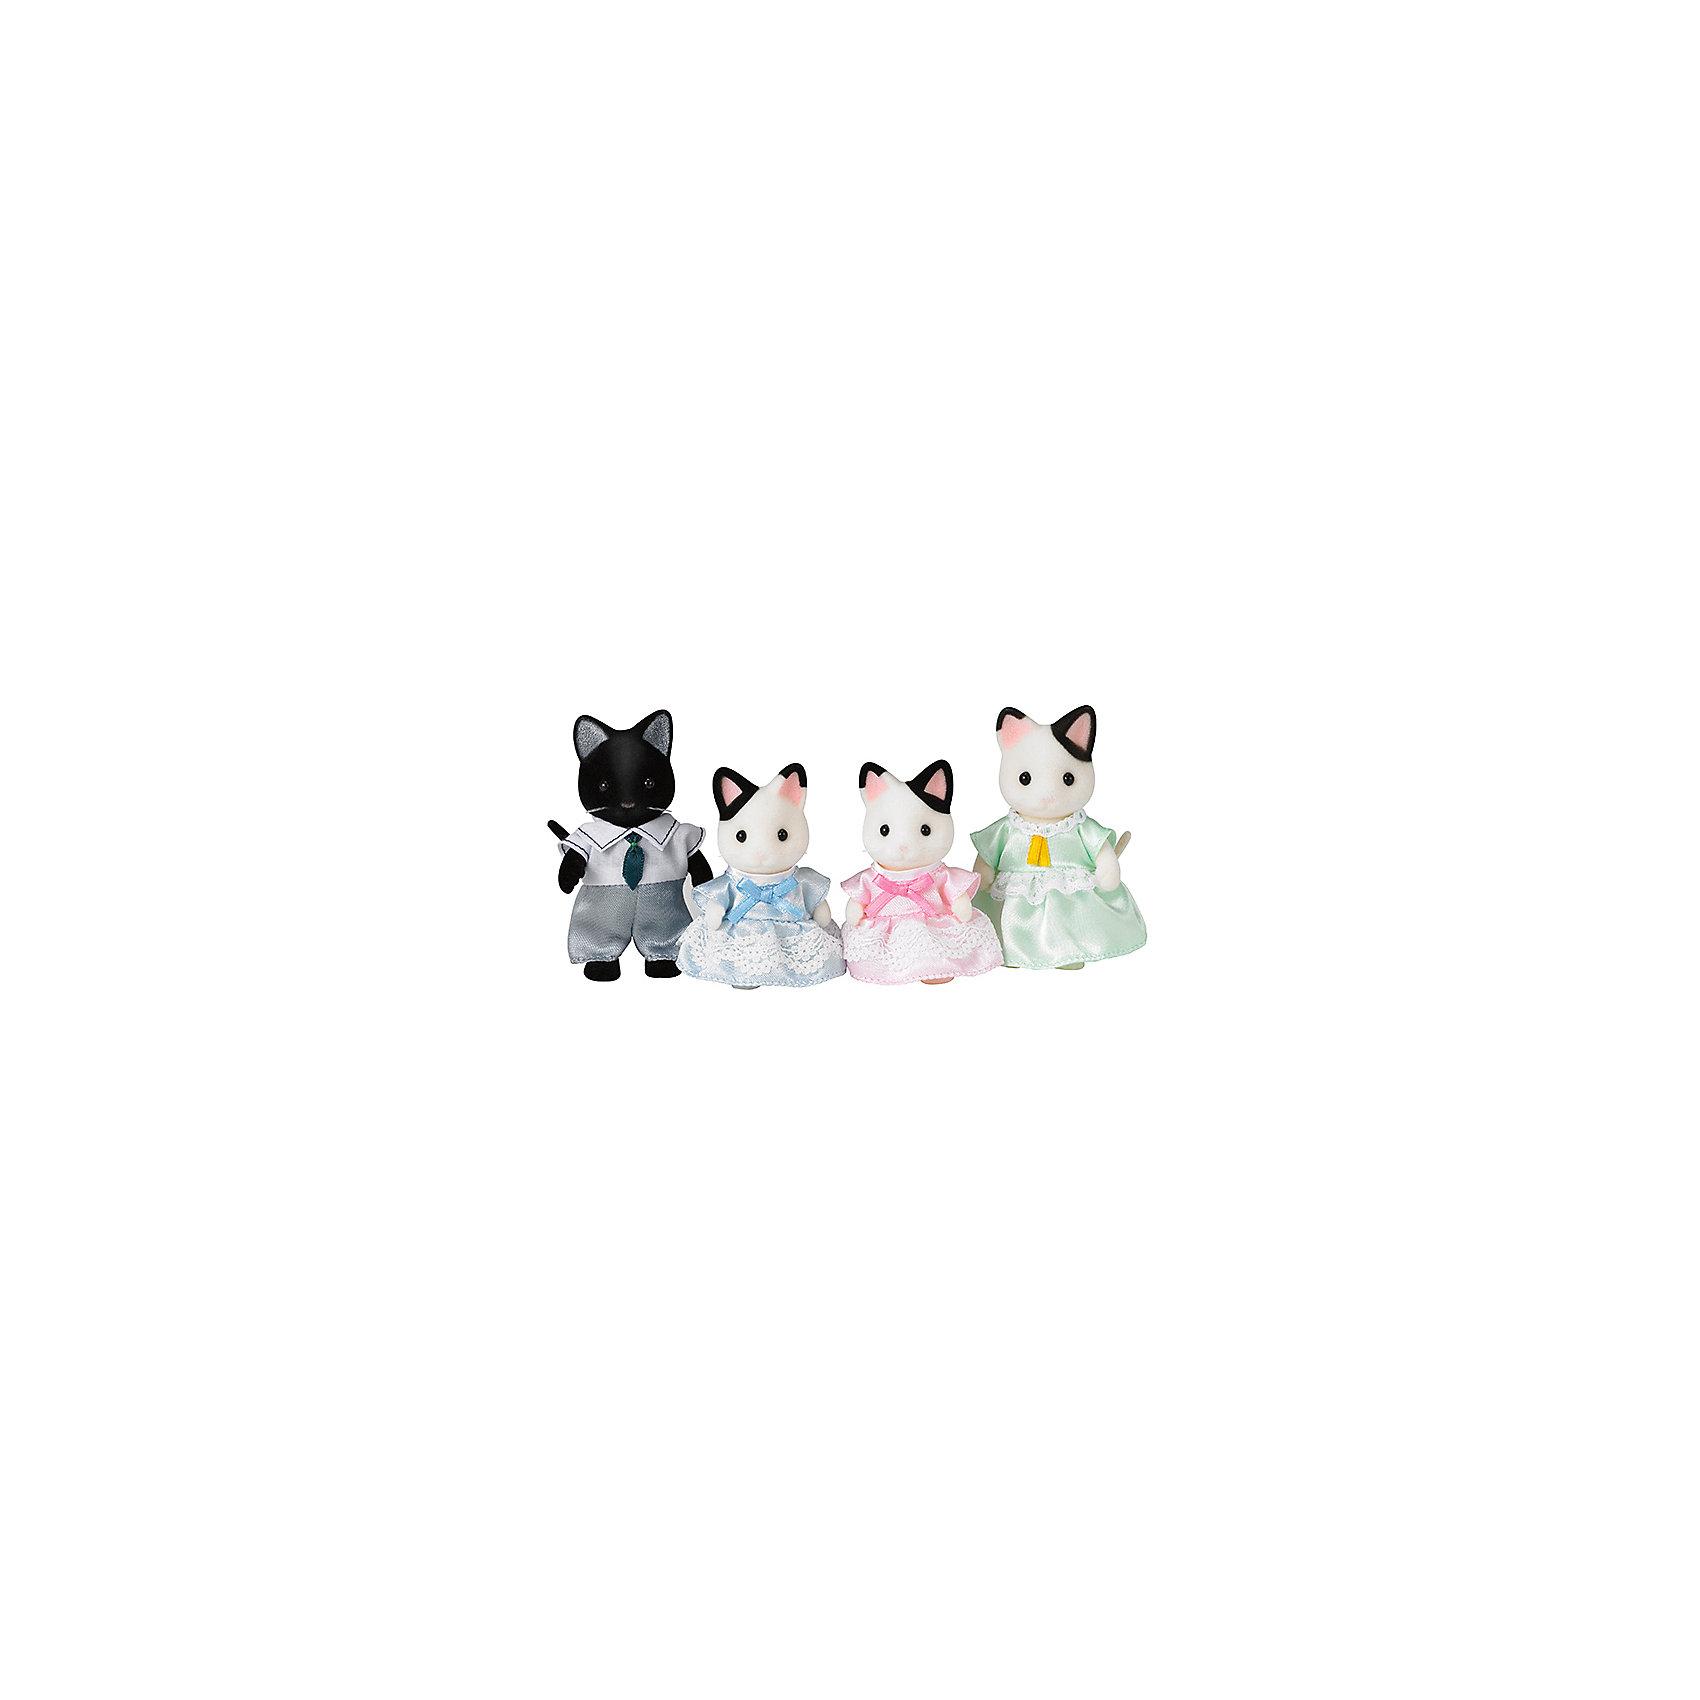 - Набор Семья Чёрно-белых котов, Sylvanian Families набор village story семья белых мишек